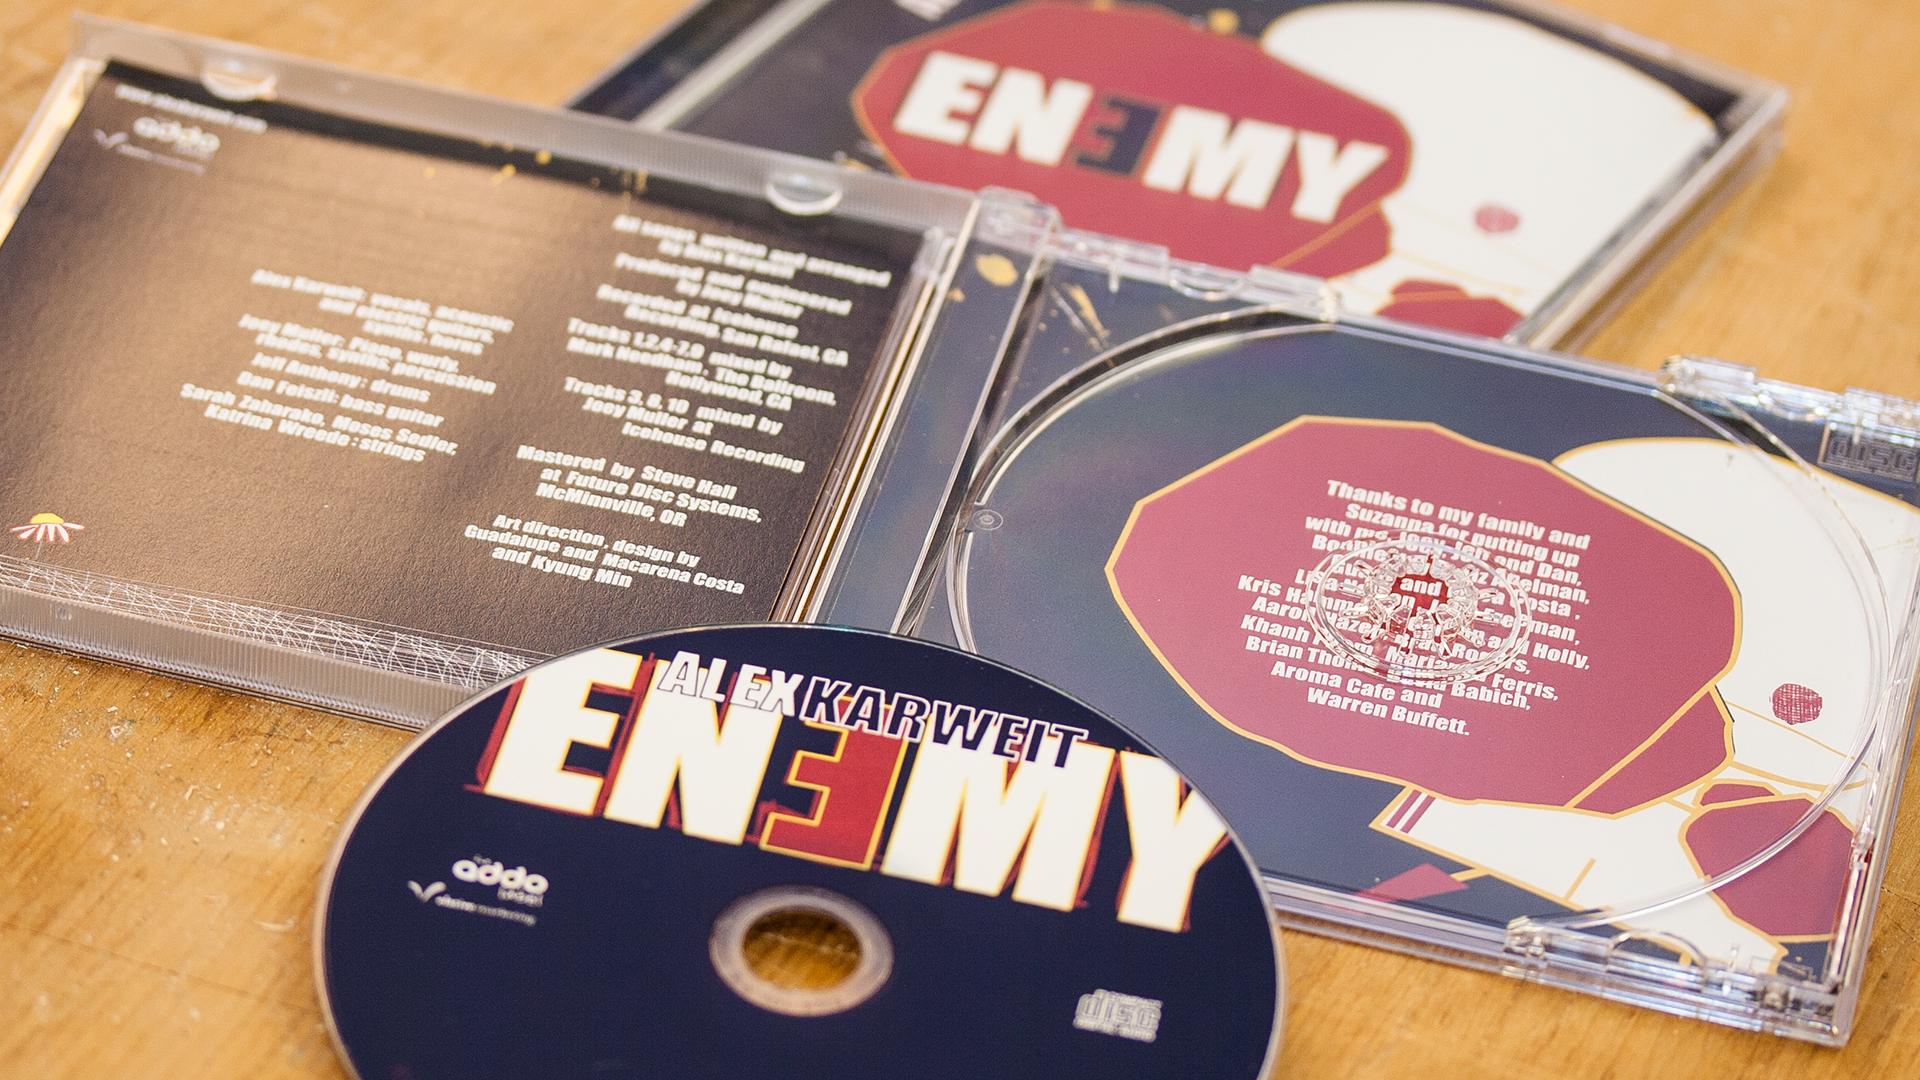 Print – CD